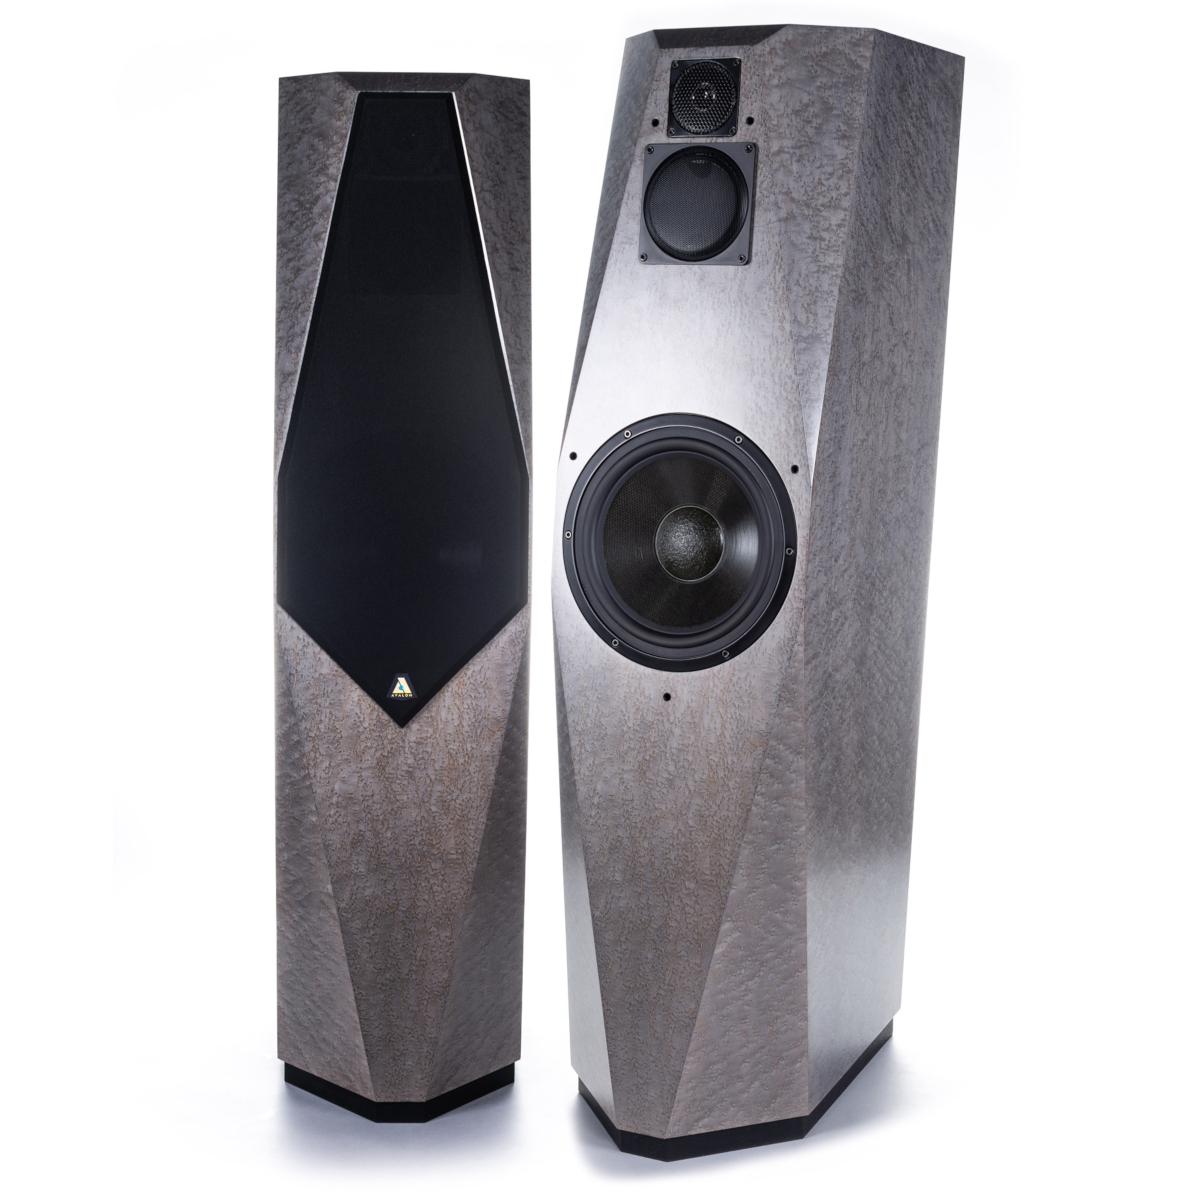 Avalon Acoustics Precision Monitor 4 グラファイト ハイグロス 価格お問い合わせください。 アヴァロン スピーカーシステム ペア